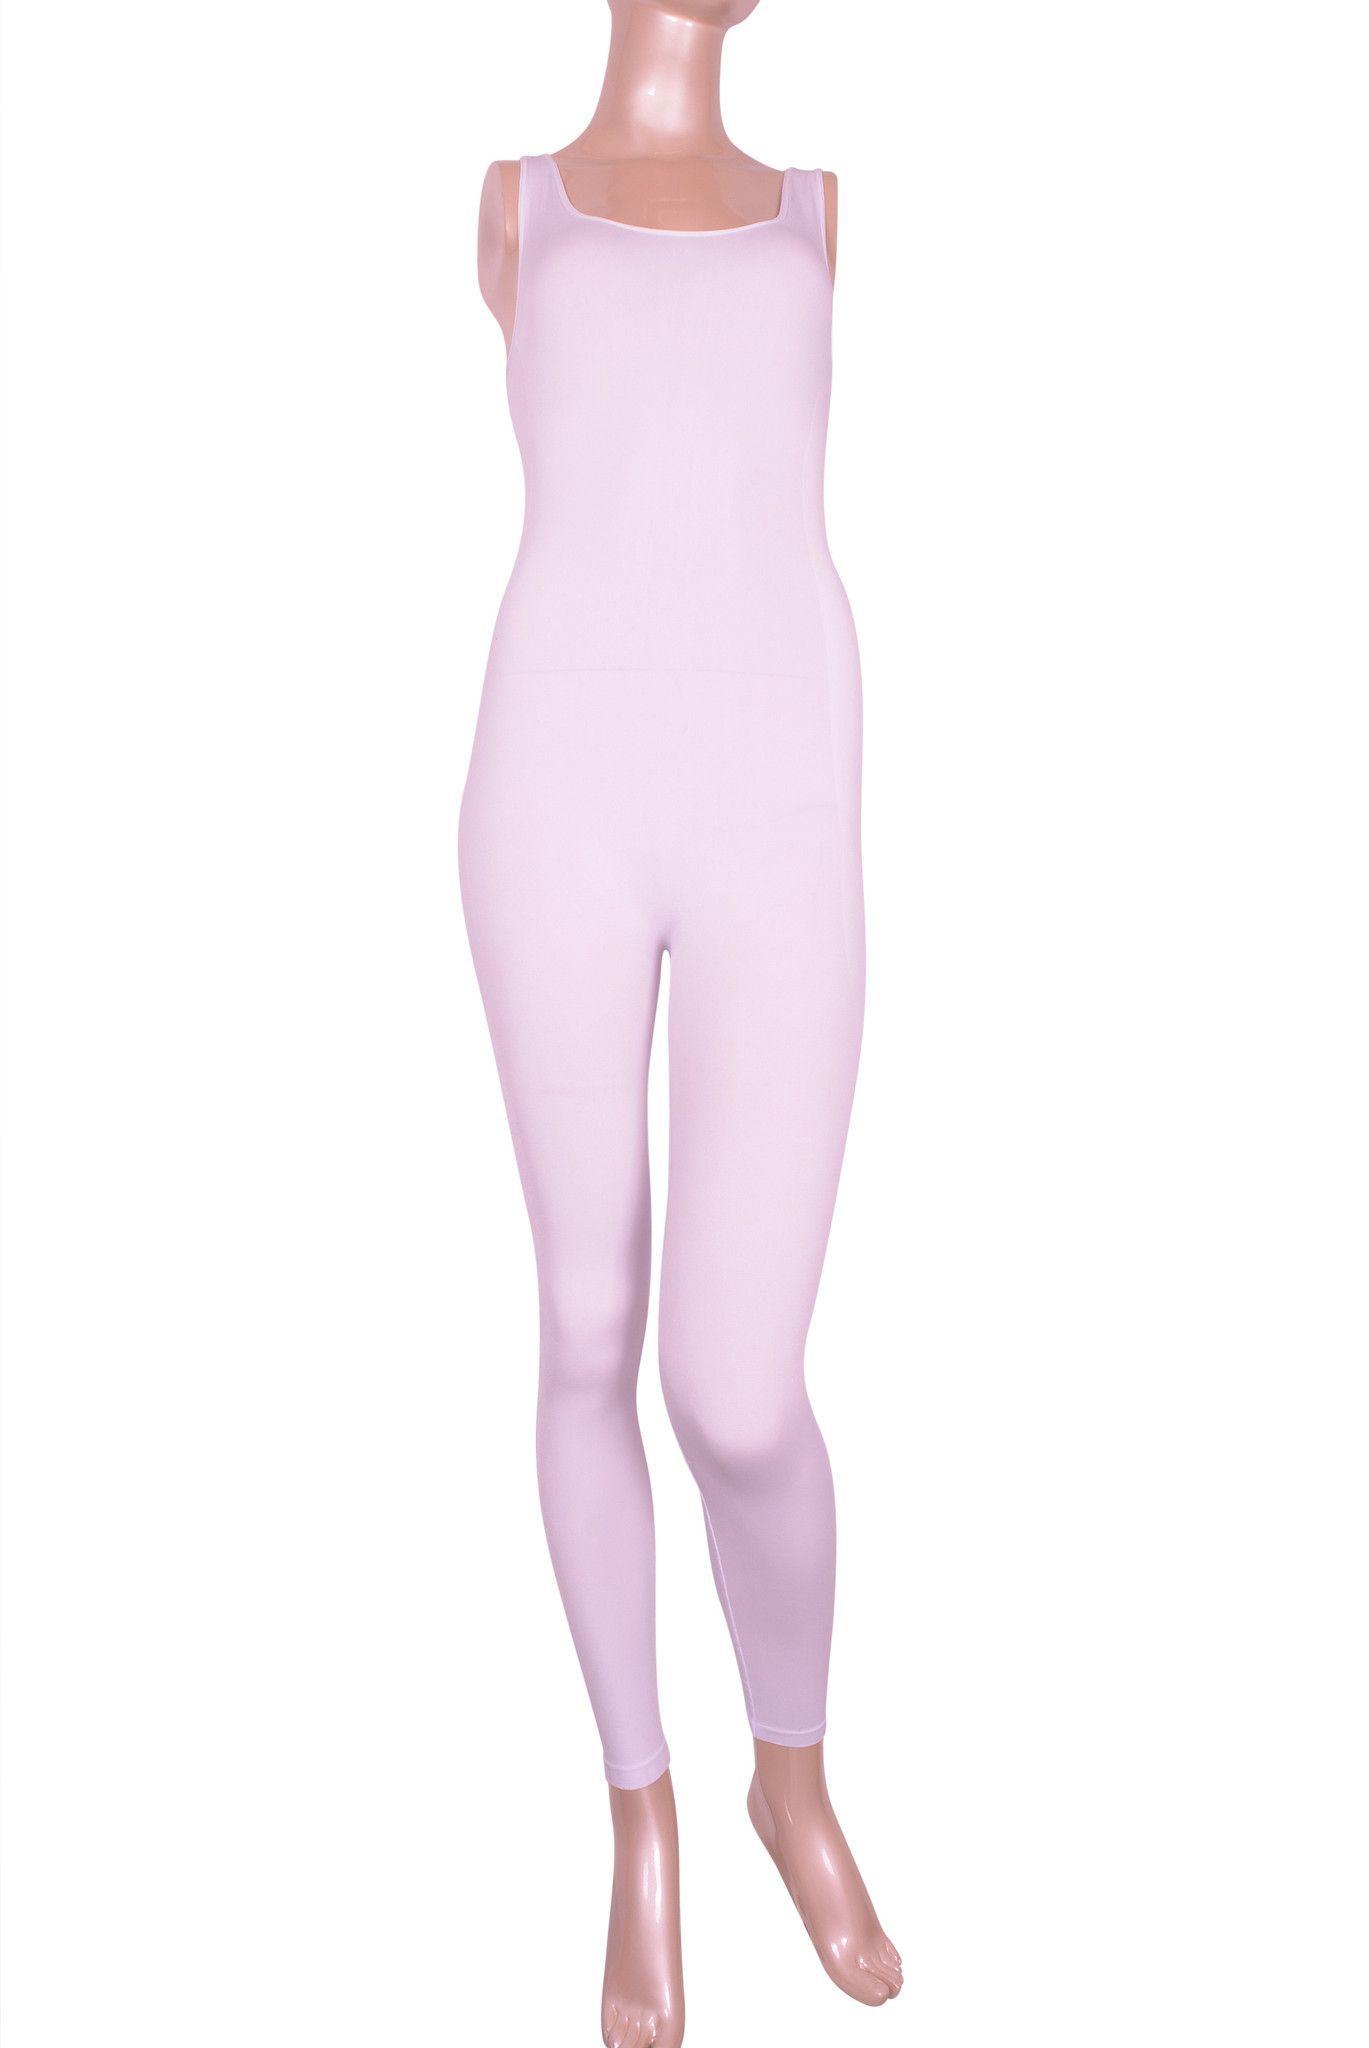 80\'s 90\'s Vintage Spandex Onepiece Leggings Yoga Catsuit jumpsuit ...